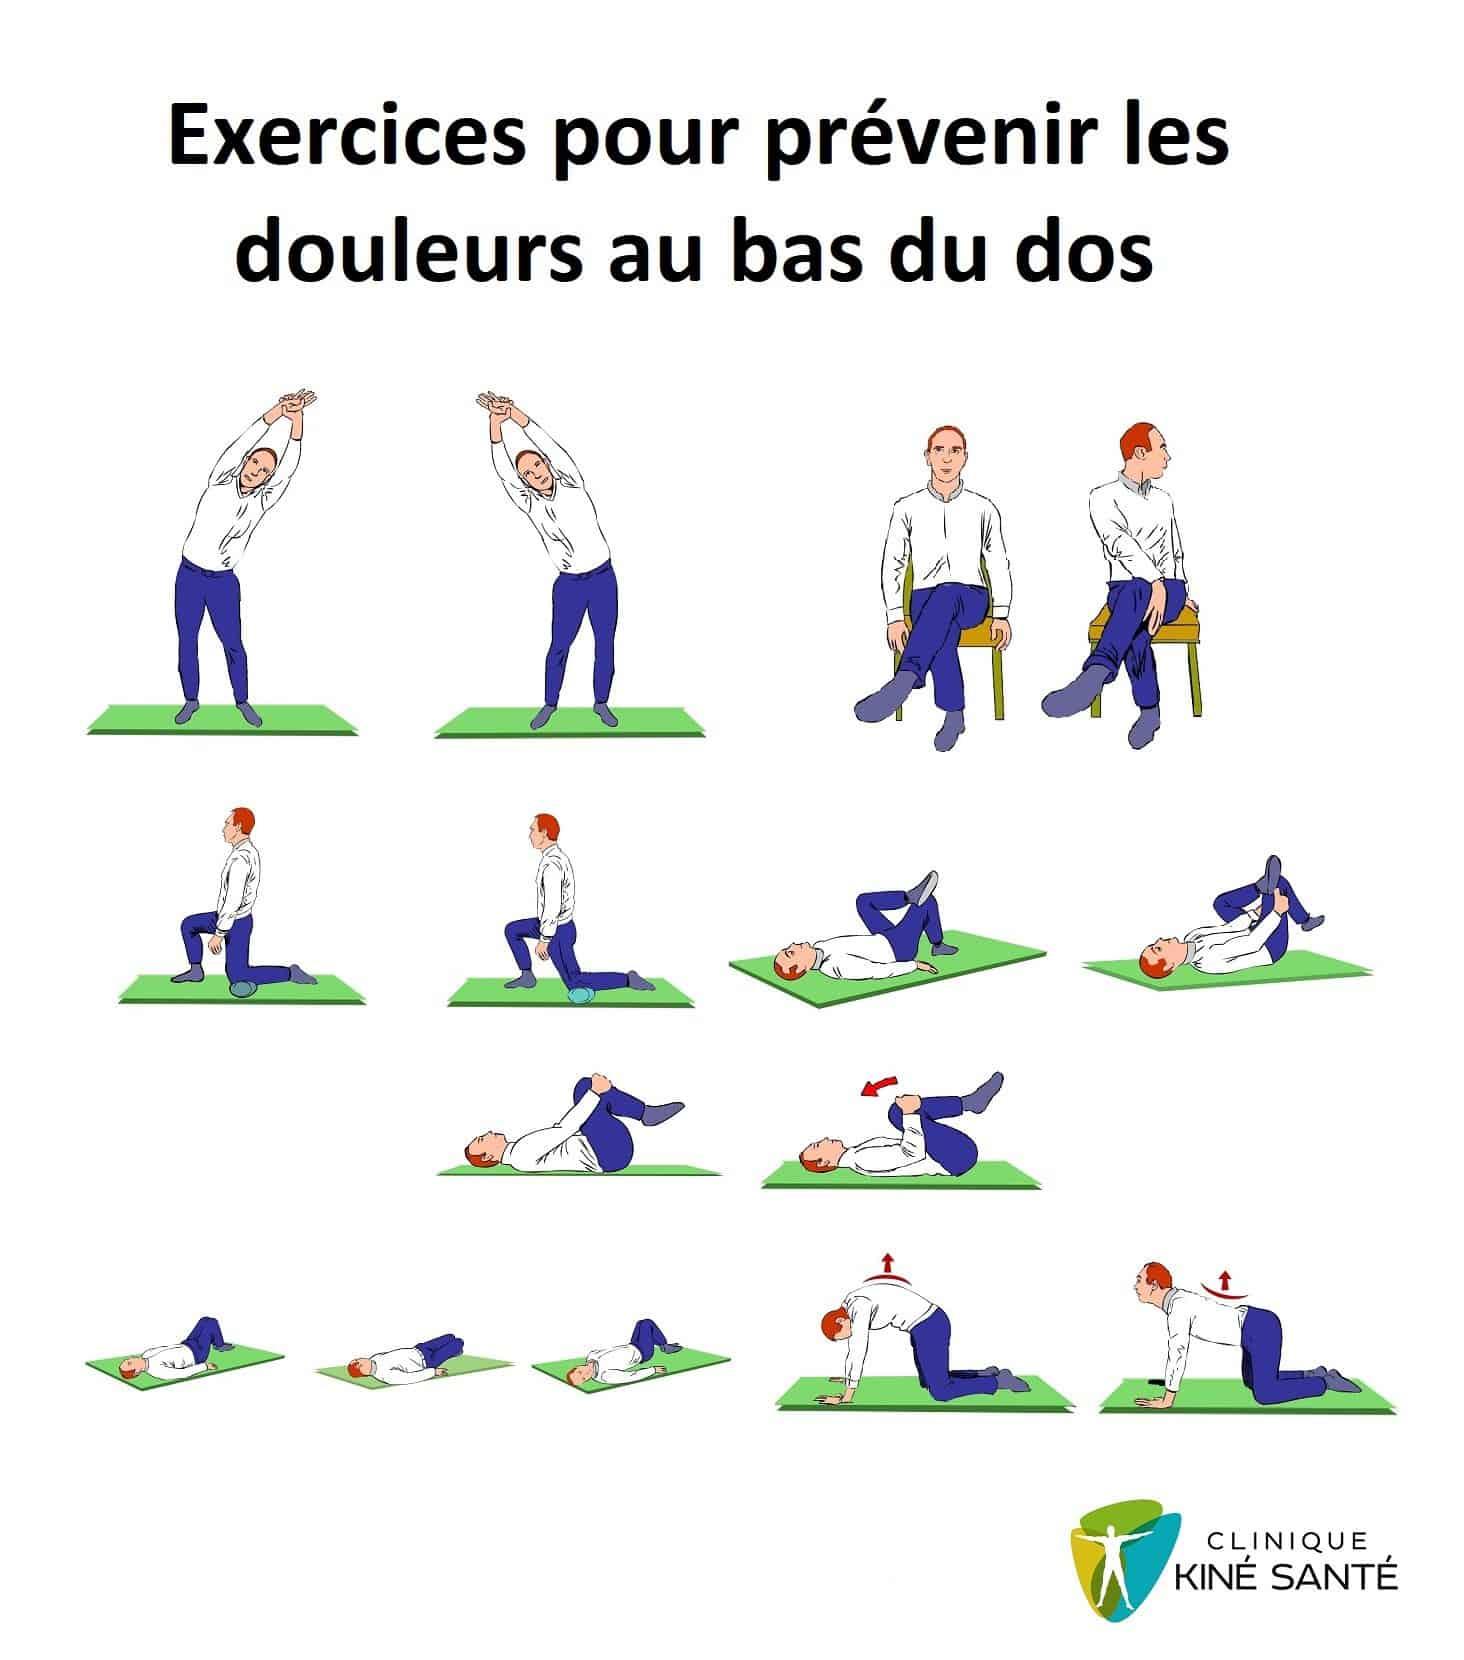 Image d'une série d'exercice pour prévenir les douleurs au bas du dos